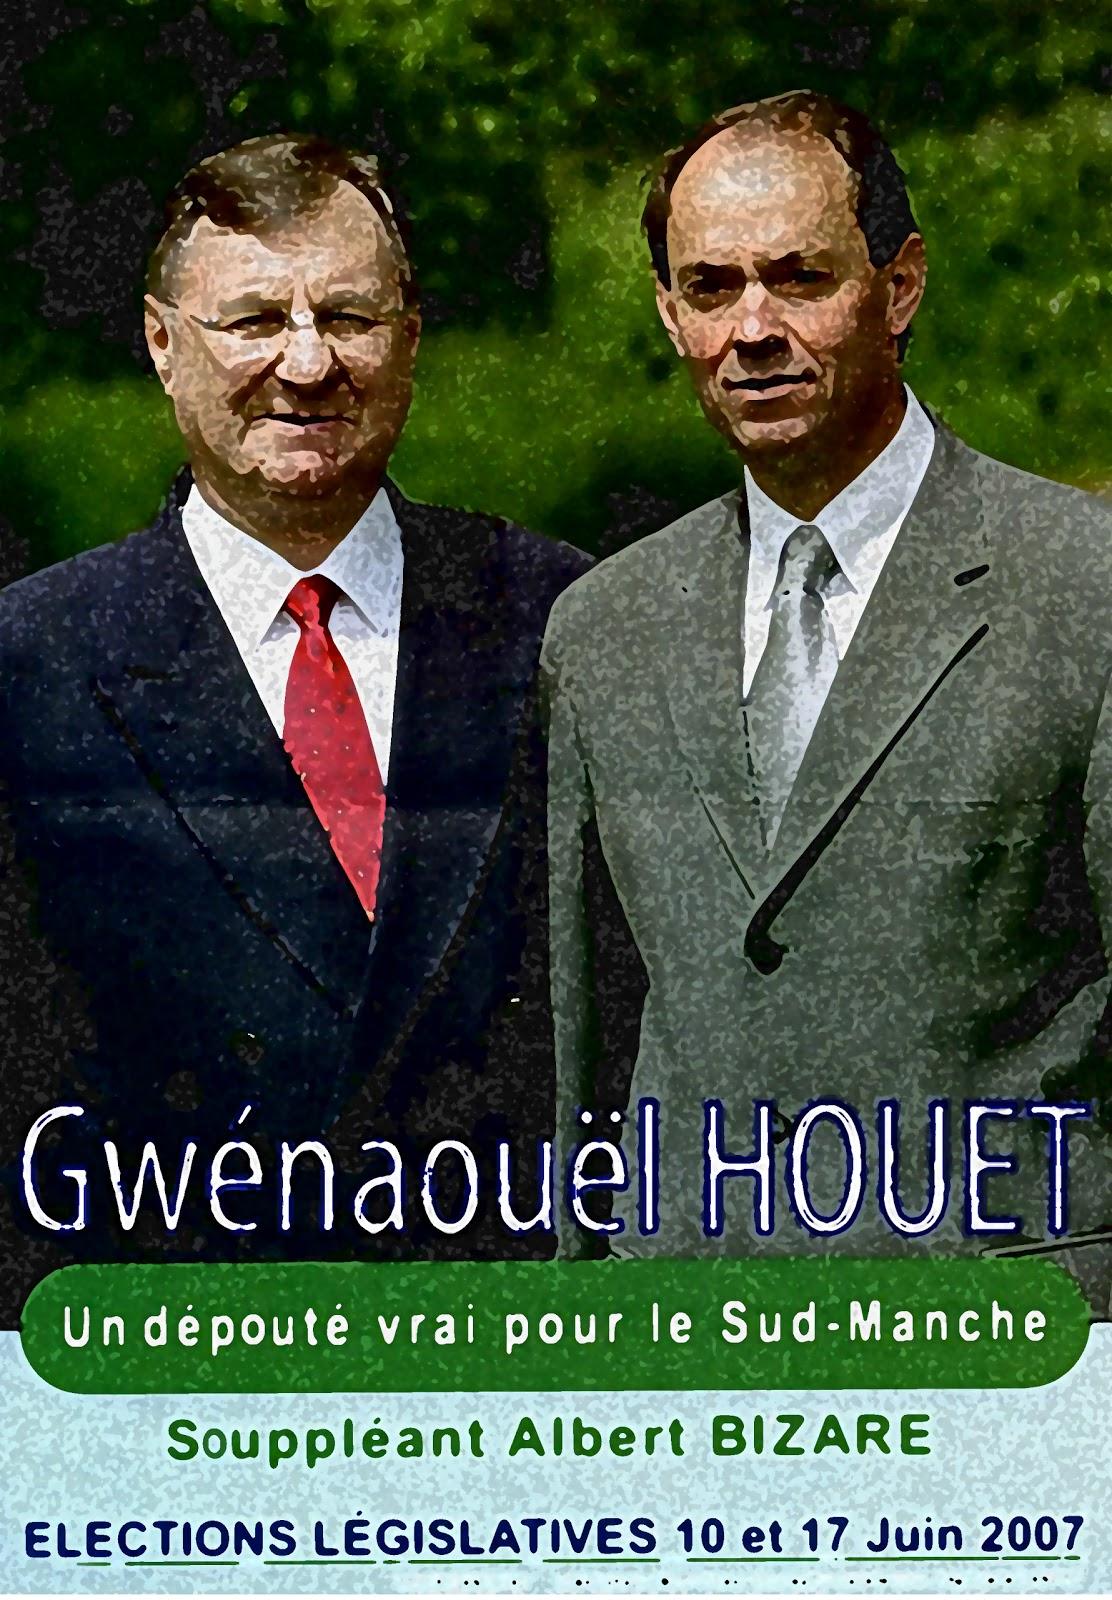 Annonces Gay Pour Trouver Un Plan Cul Avec Des Mecs Dans Le 02-Aisne